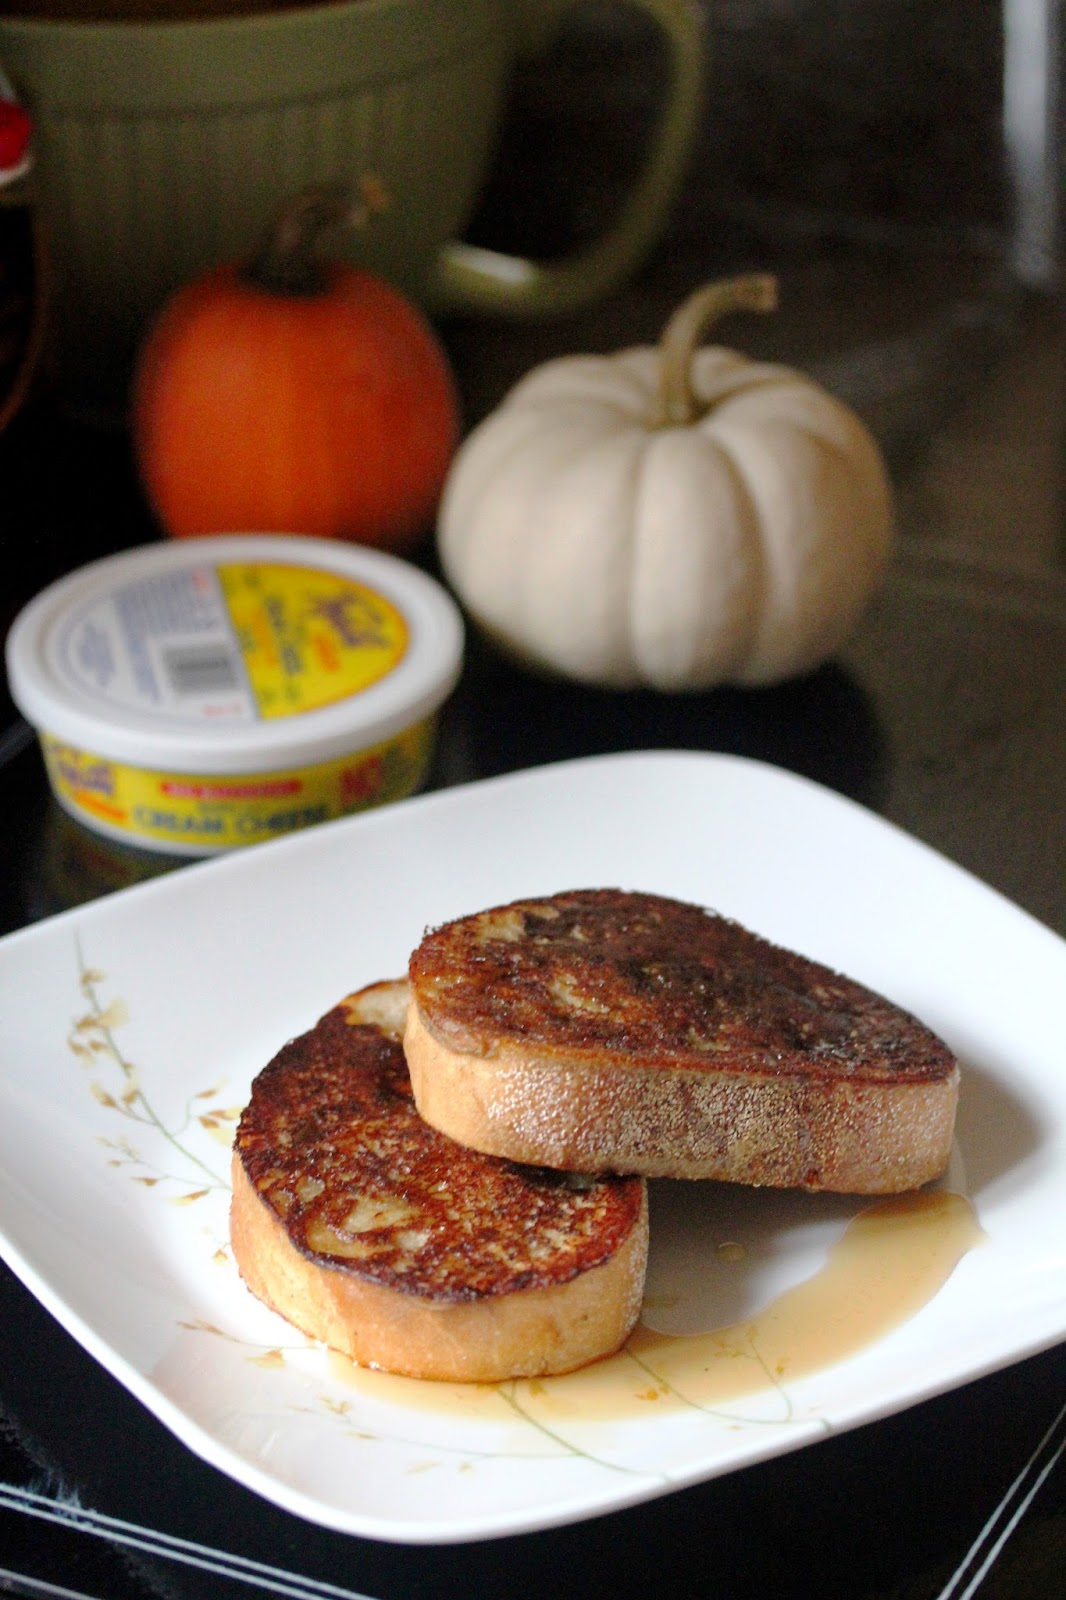 Kitchen Grrrls.: Vegan Pumpkin Cream Cheese Stuffed French Toast